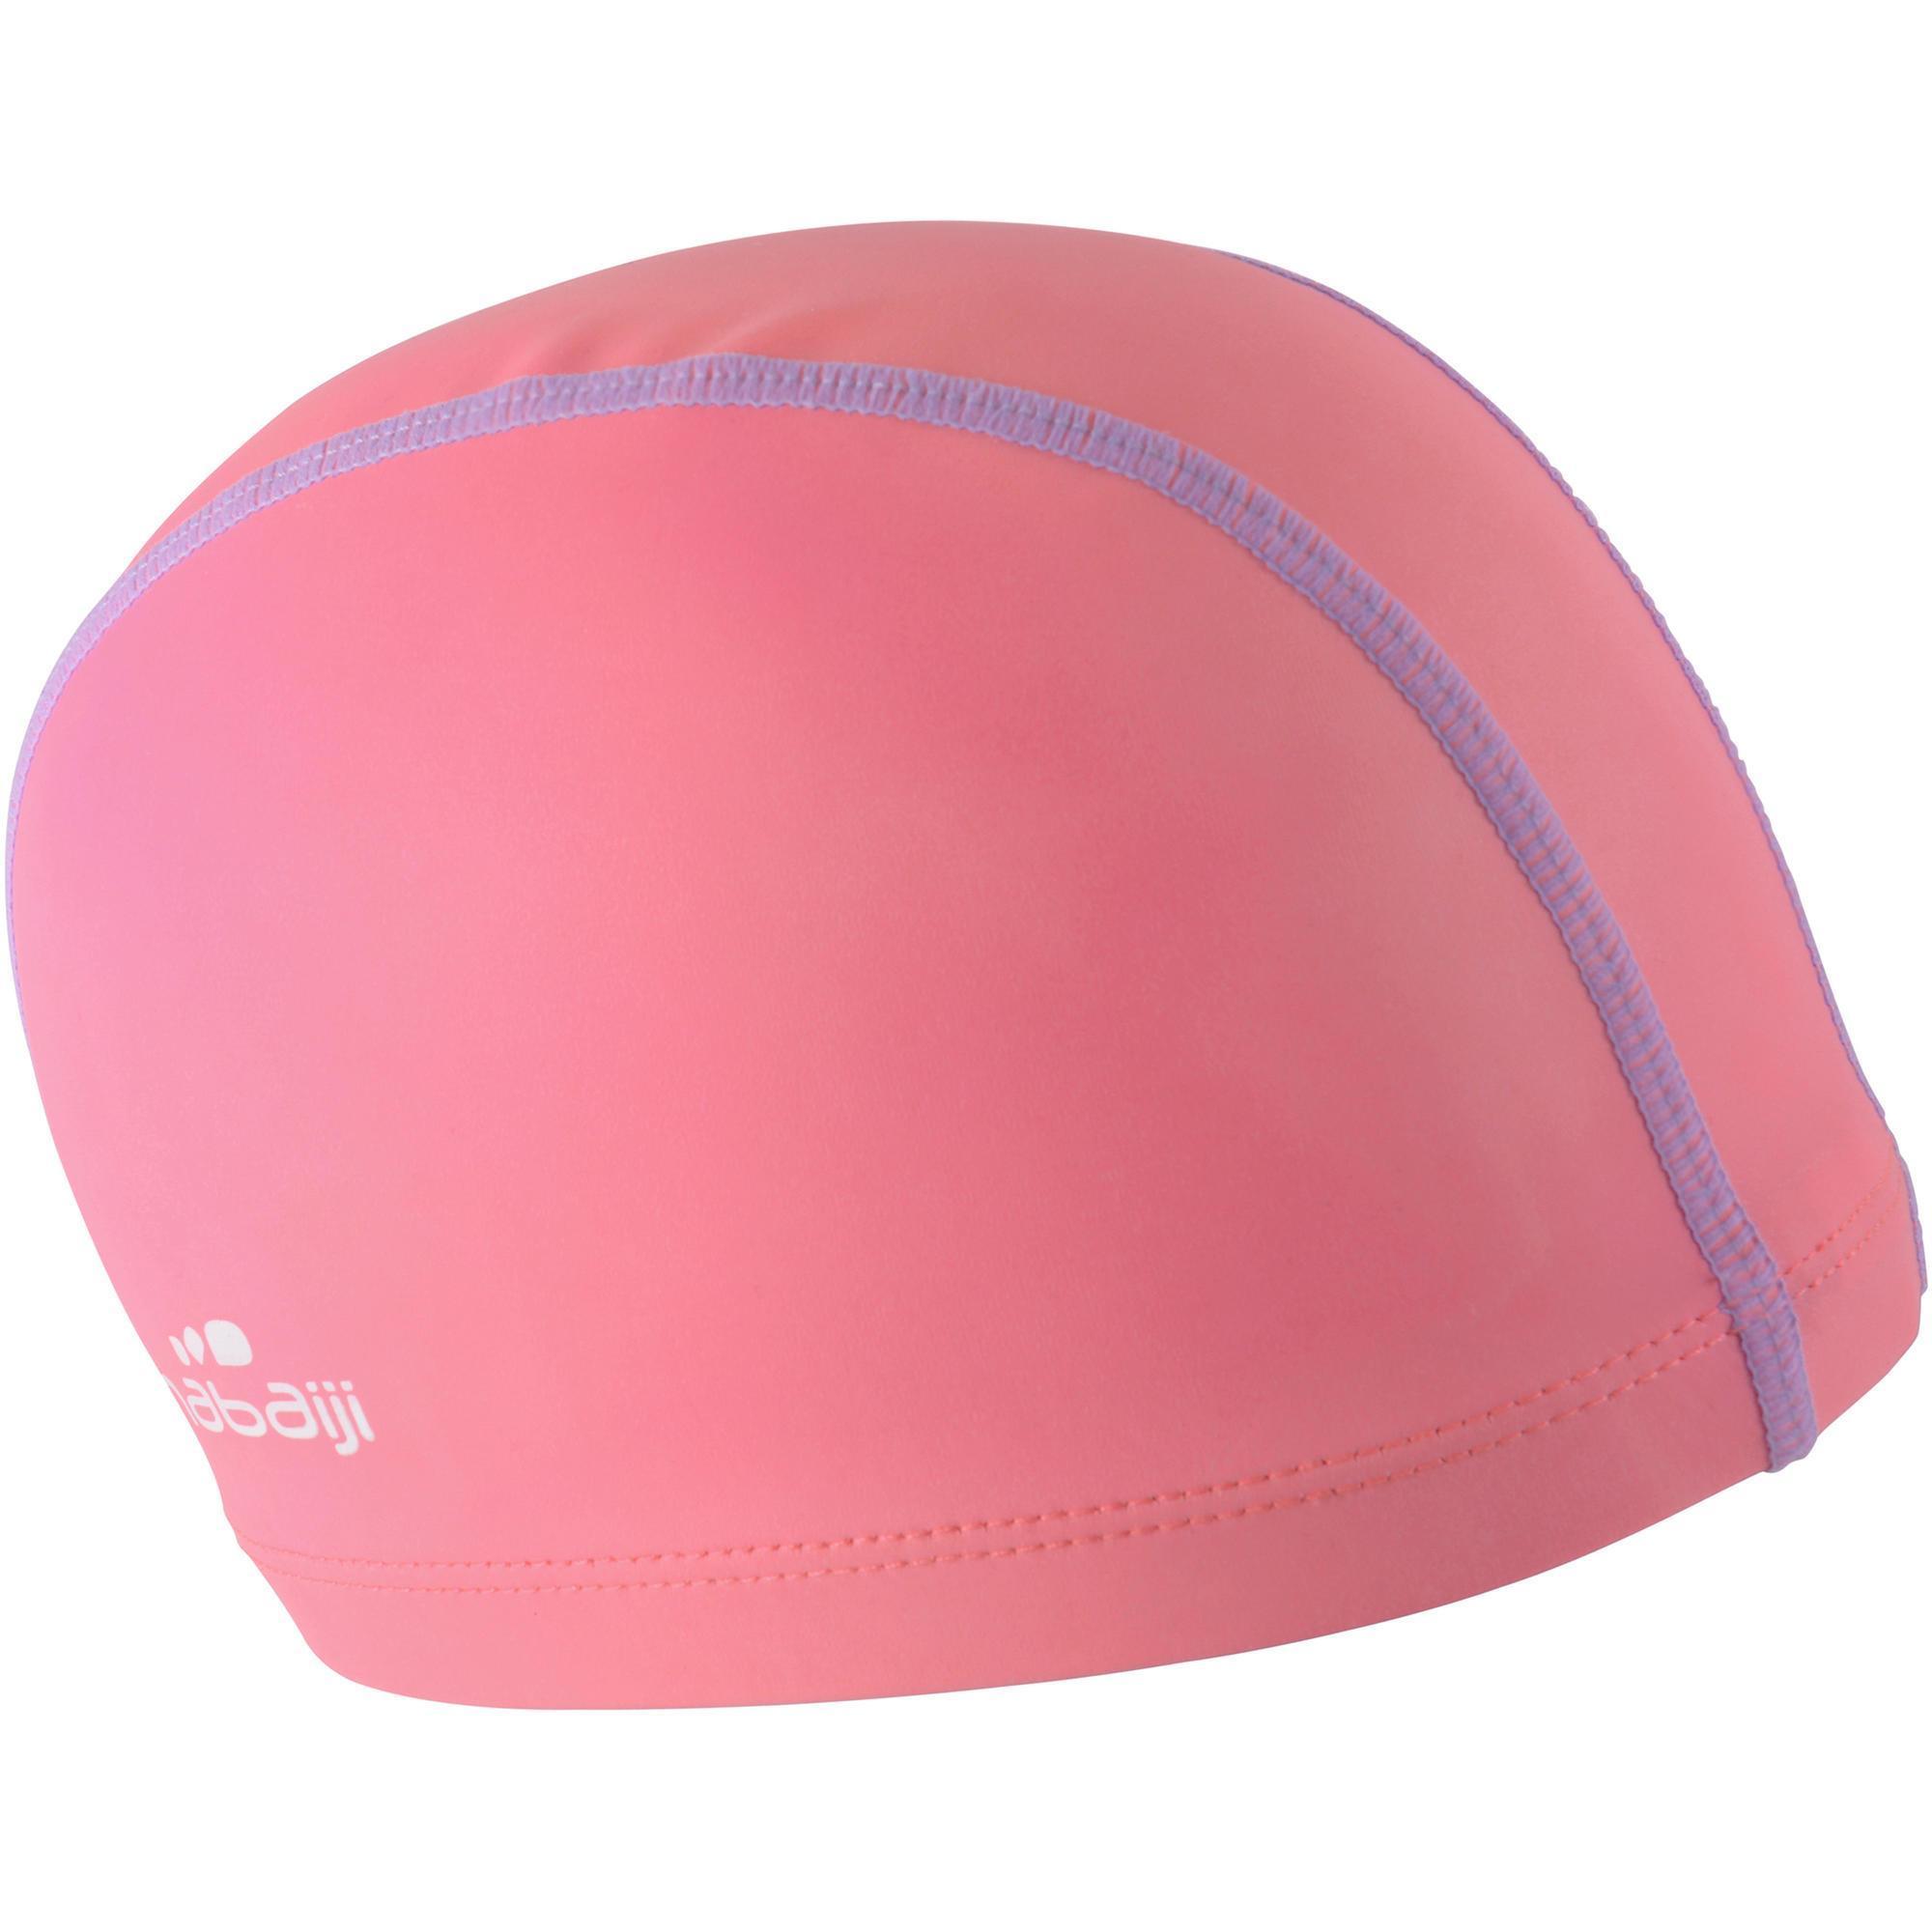 bonnet de bain maille silicone uni rose violet nabaiji. Black Bedroom Furniture Sets. Home Design Ideas